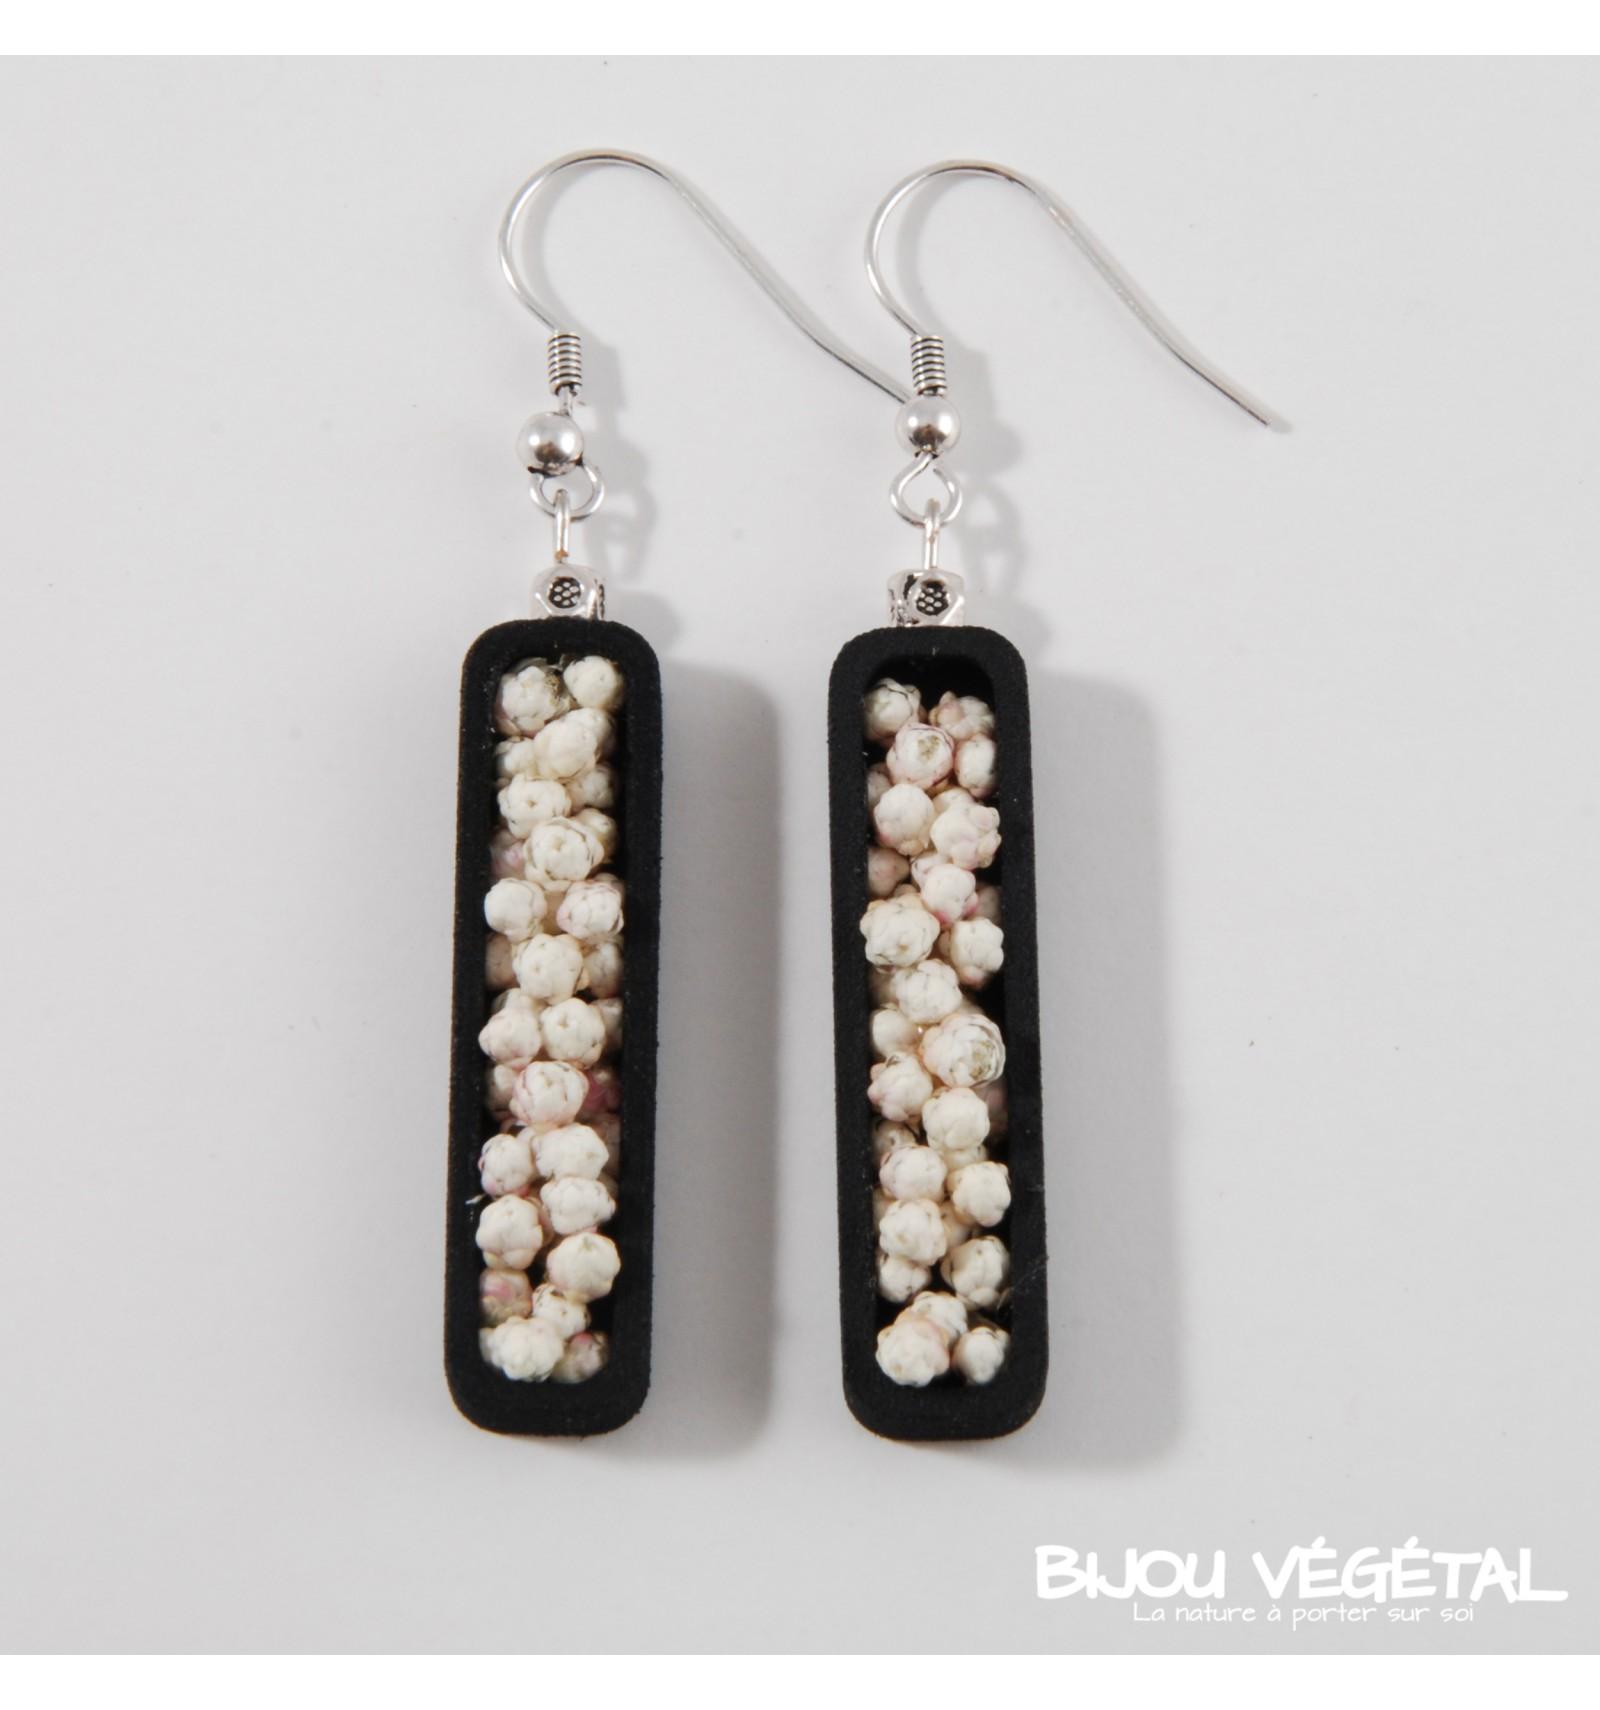 Živé šperky - Náušnice Jardiniere černé s trvalými bílými květy